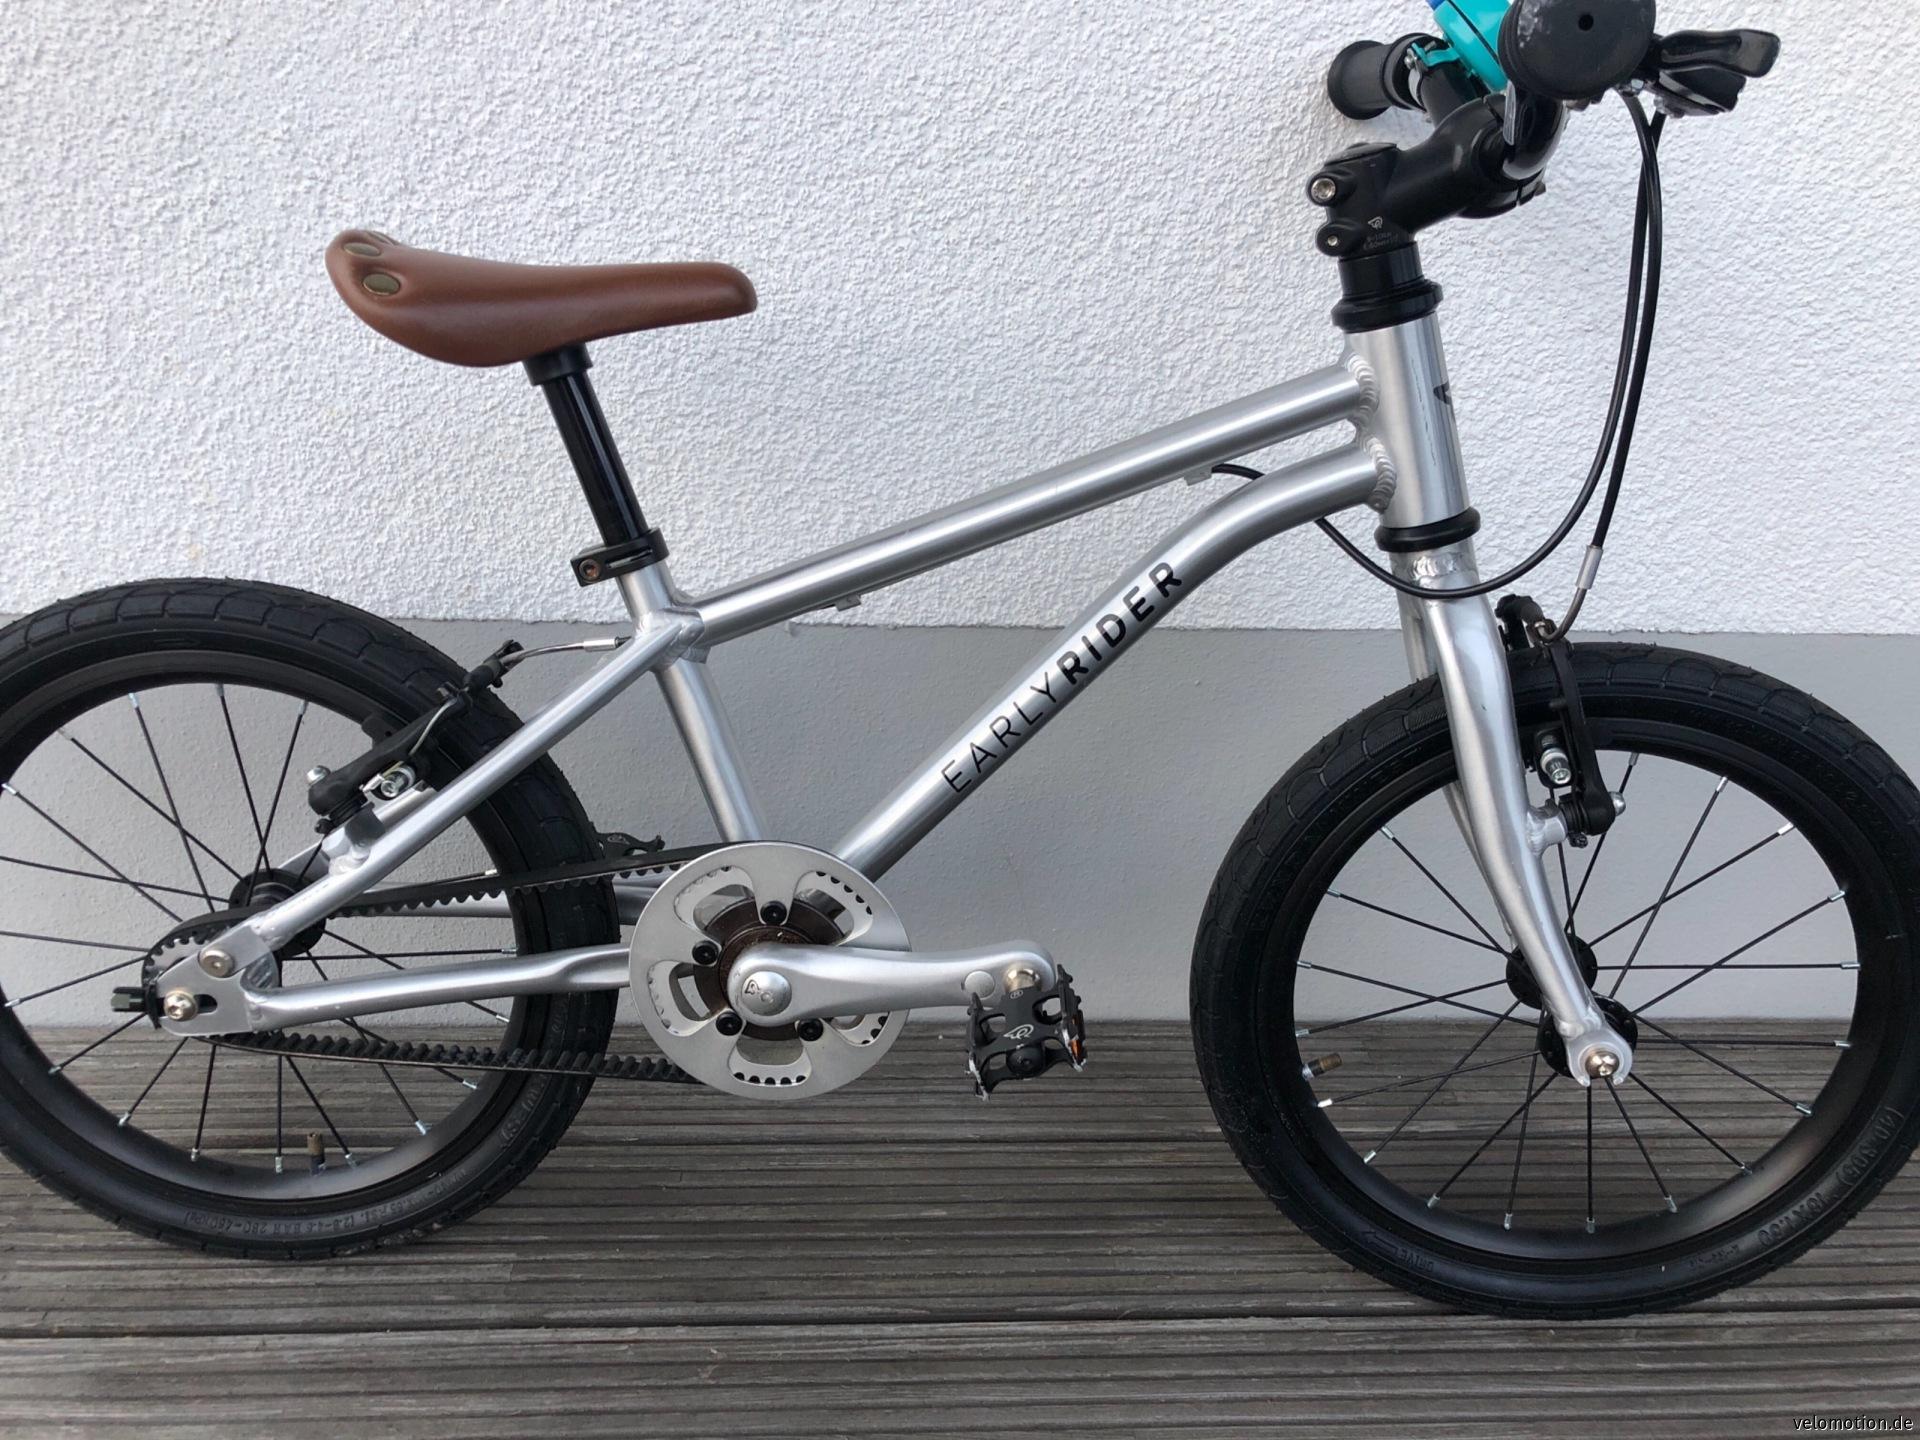 Early Rider, Belter, 16 Zoll, Riemenantrieb,leicht #1